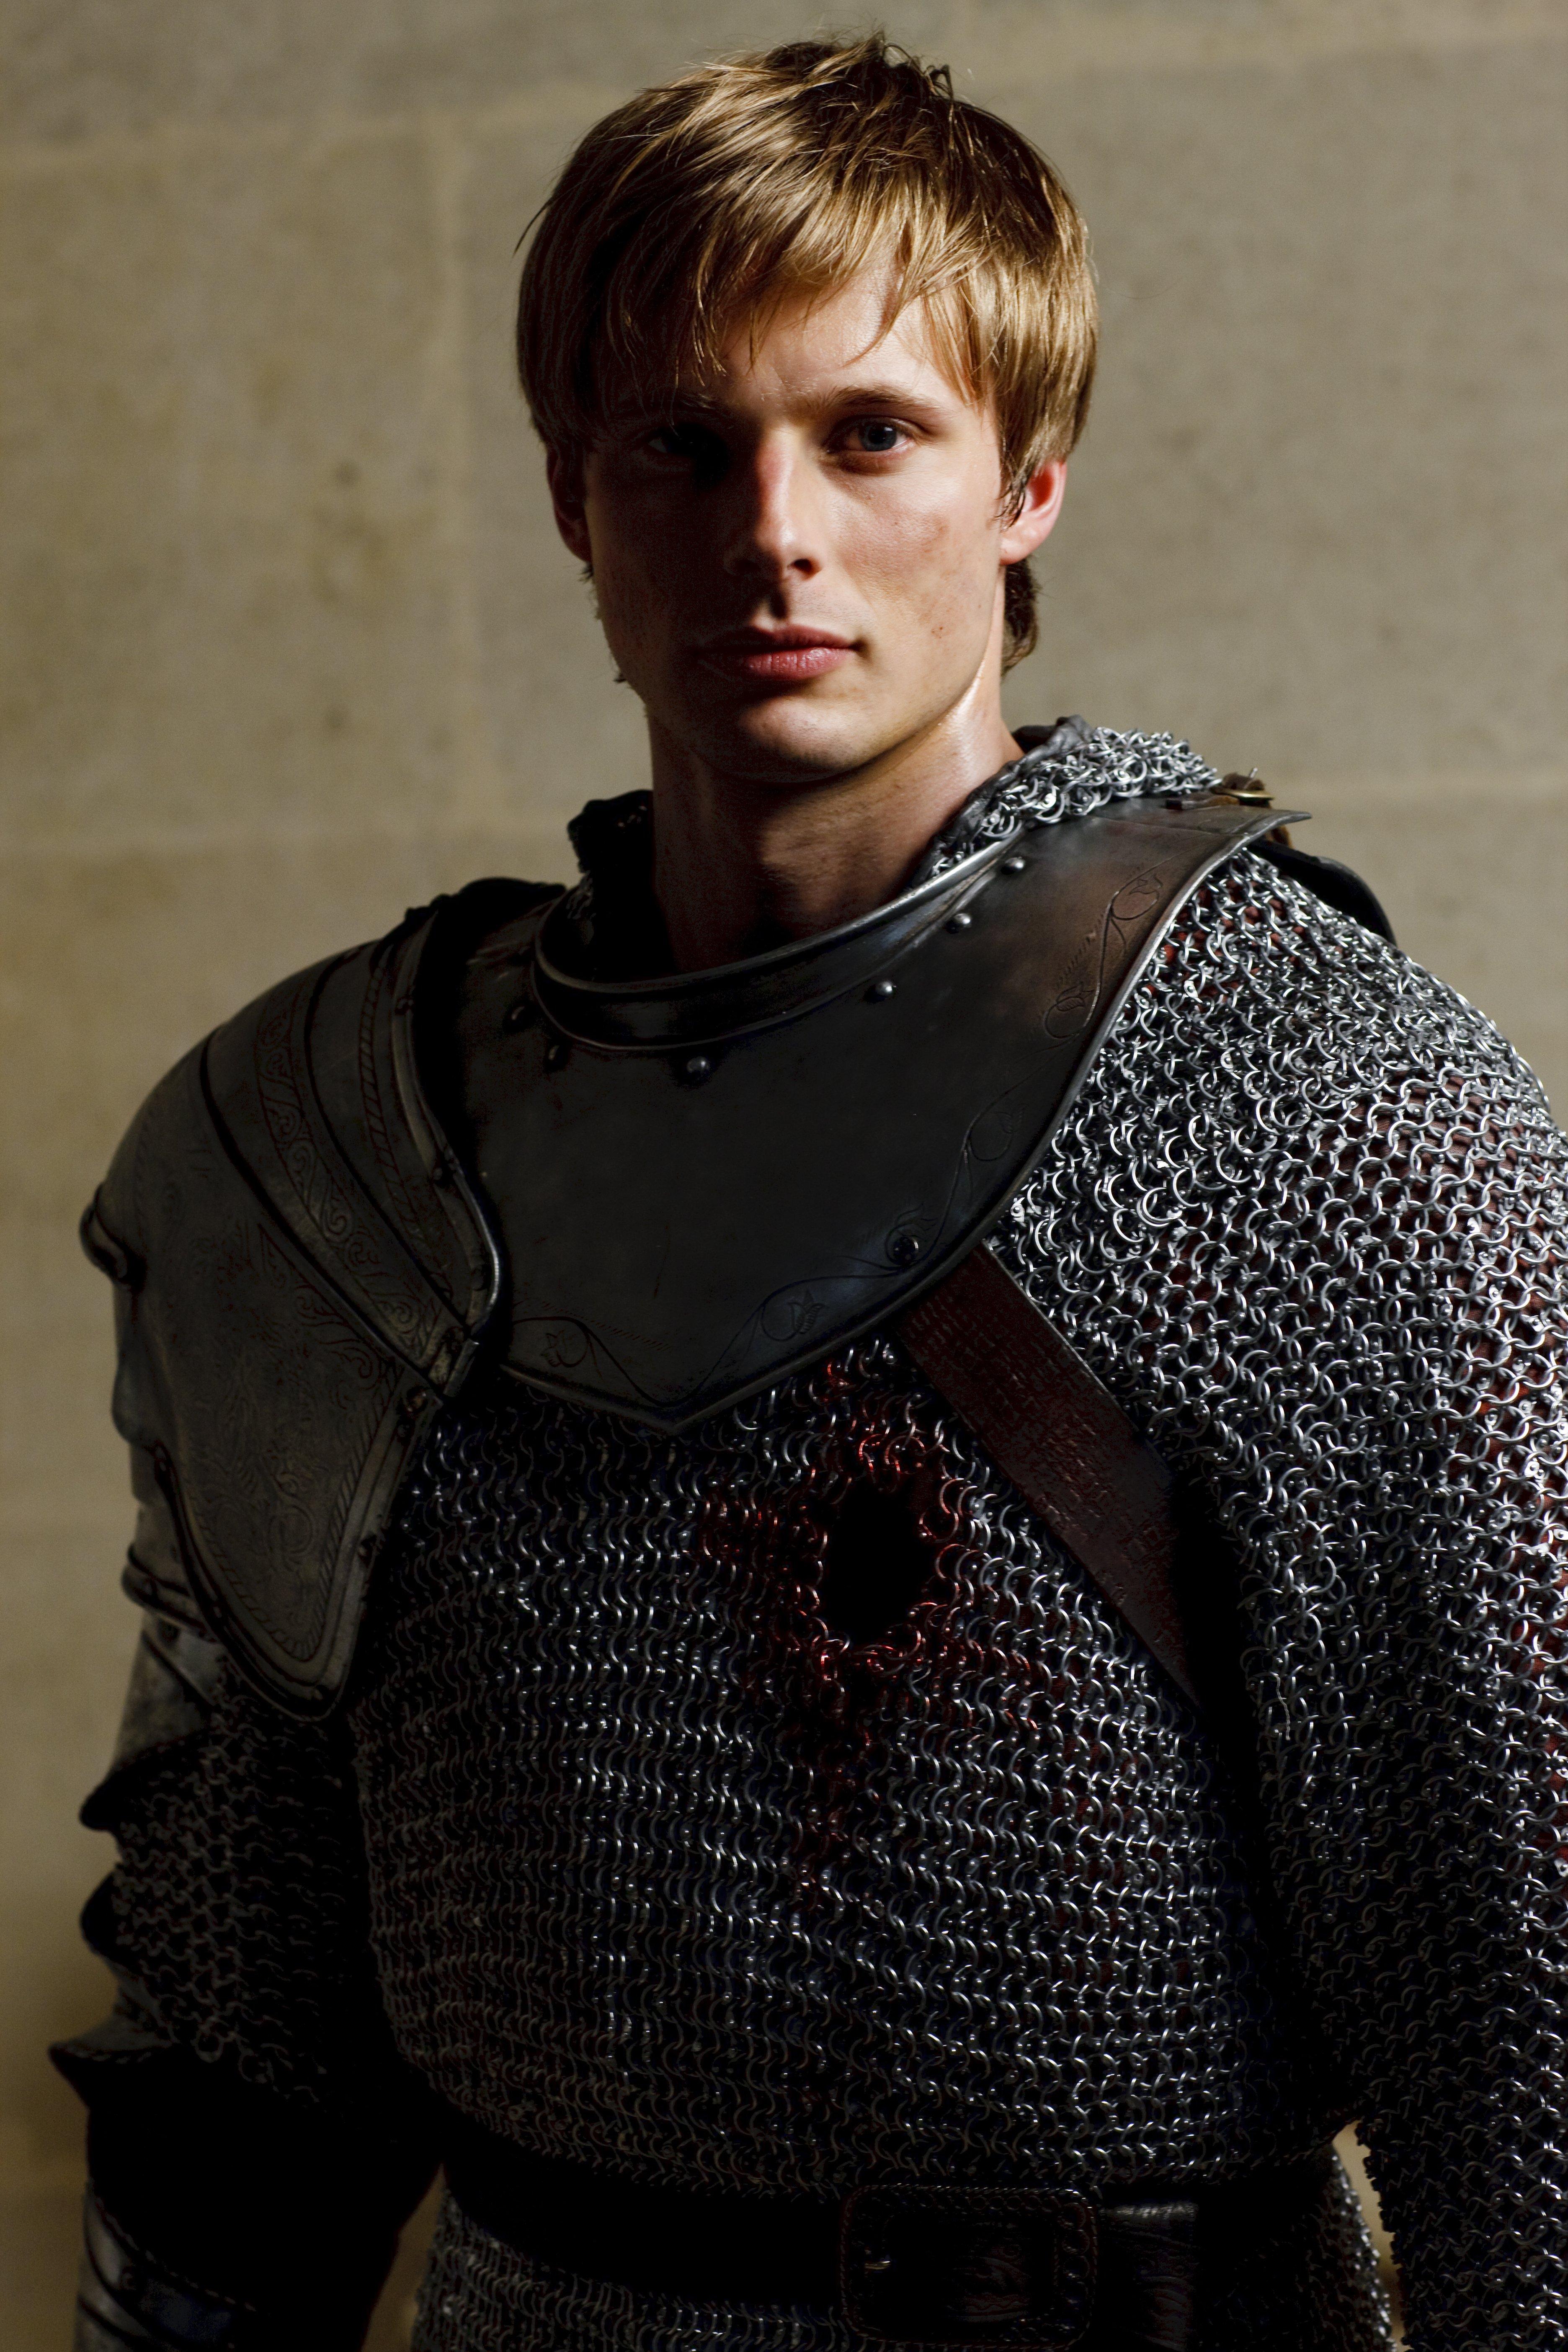 Merlin_5 season - Bradley James Photo (33435512) - Fanpop